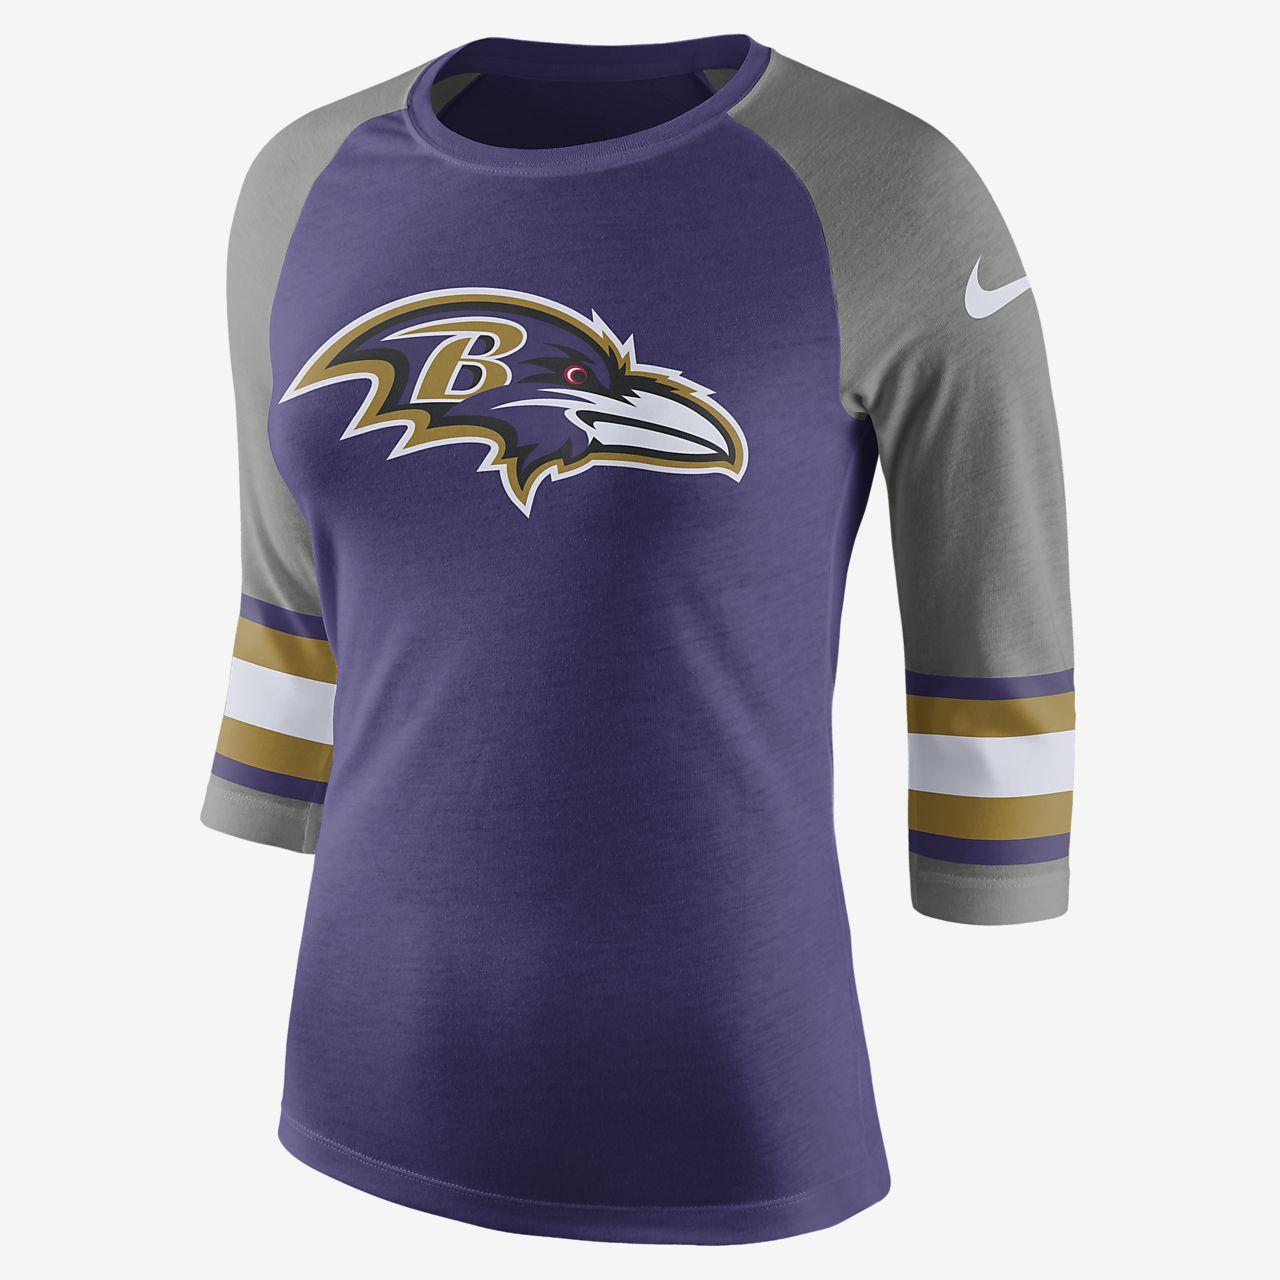 ab218f1746b1f Tee-shirt à manches 3 4 Nike Tri-Blend Raglan (NFL Ravens) pour ...